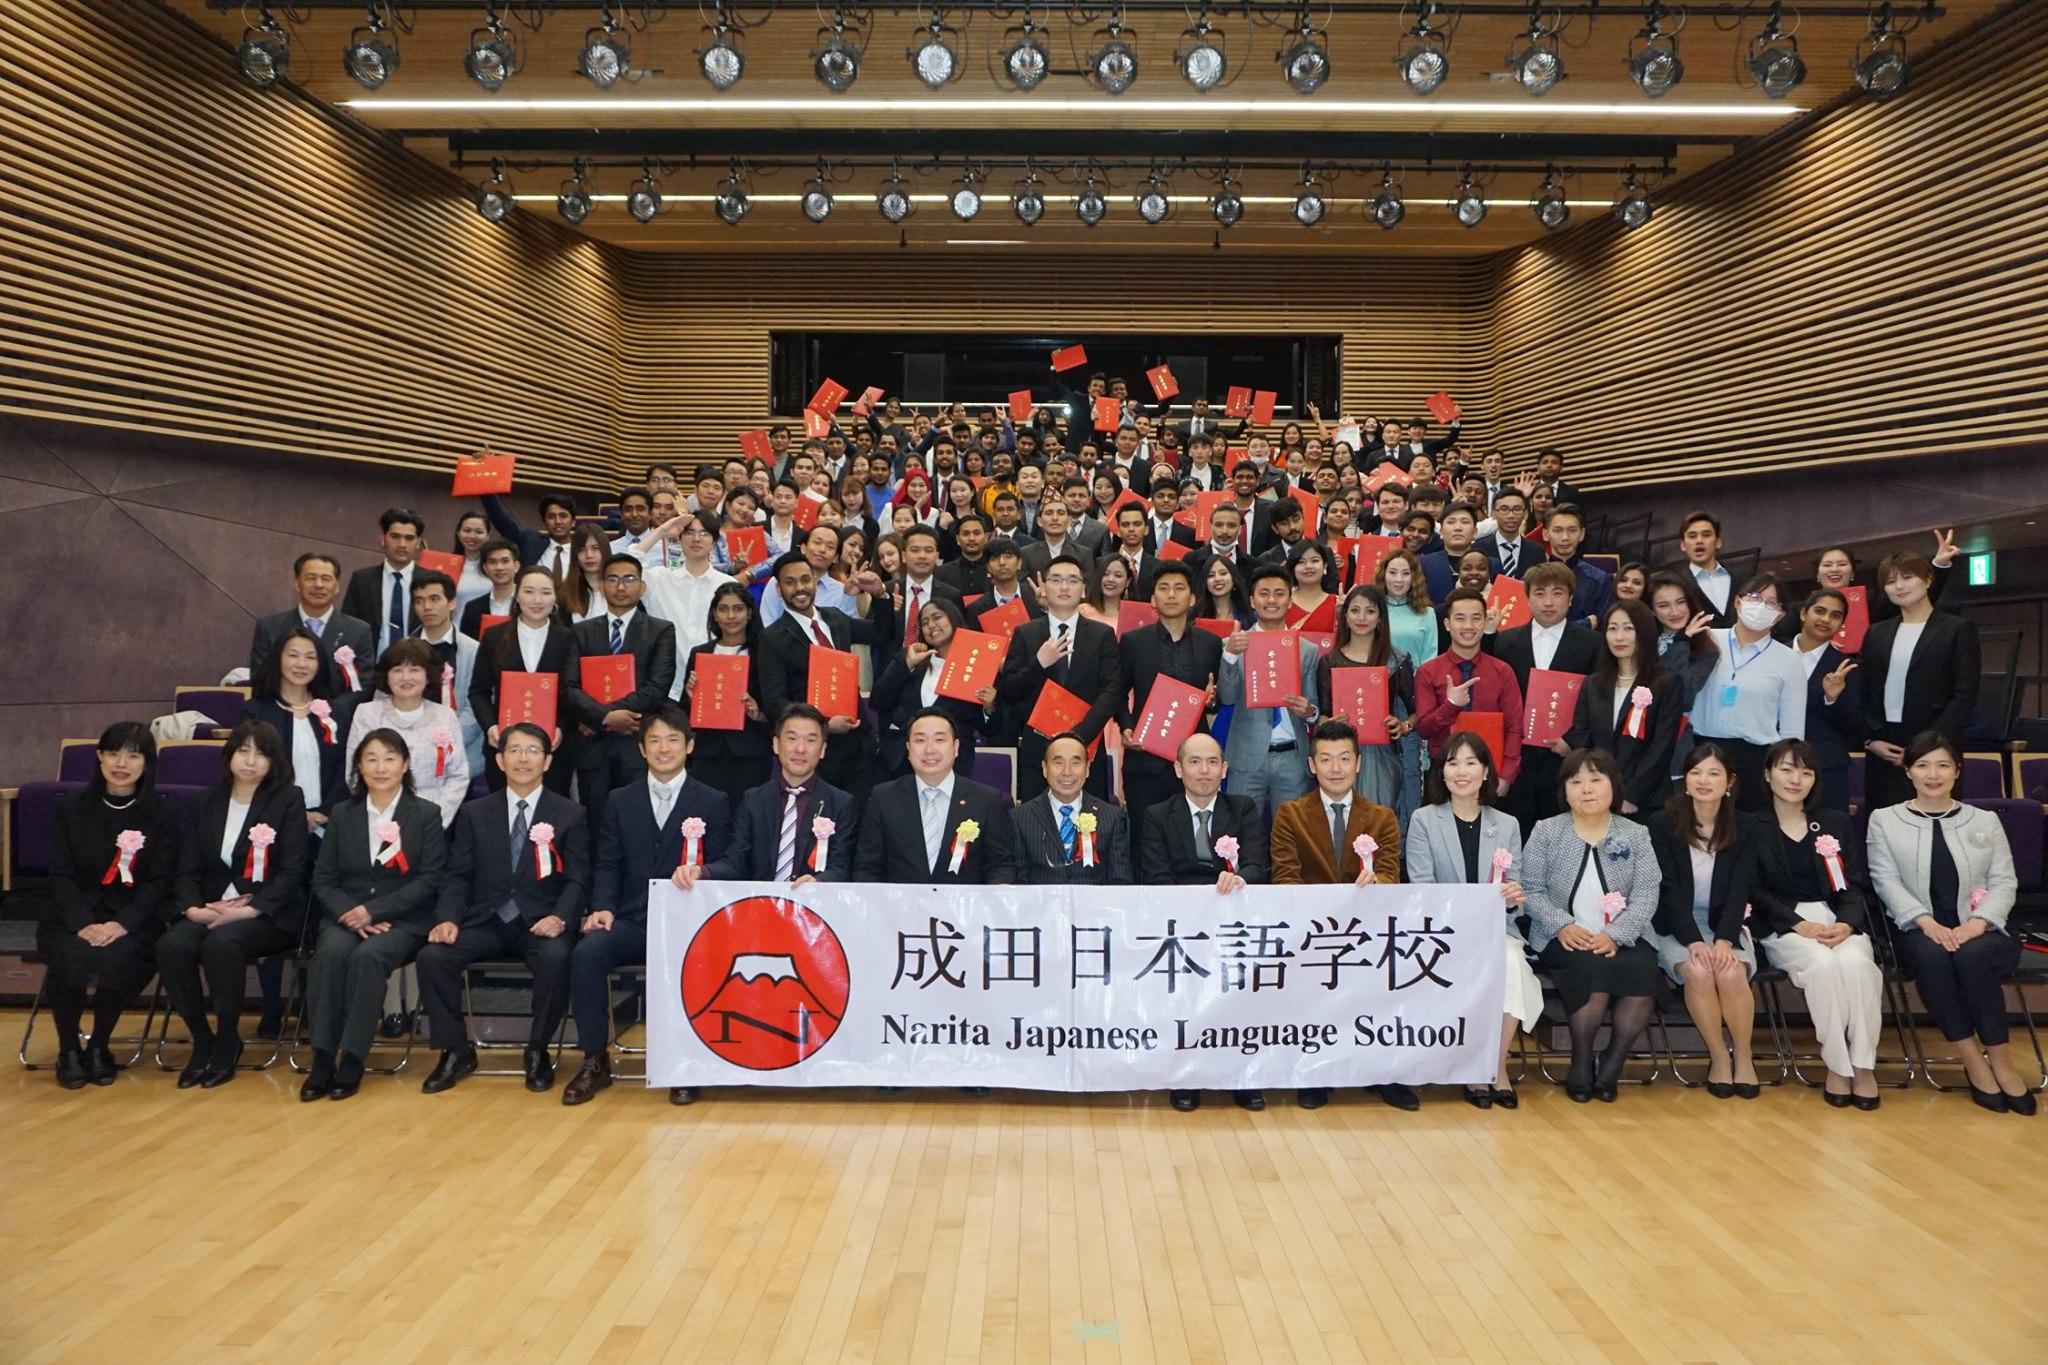 Học viện Nhật ngữ Narita - Lâu đài của ước mơ Nhật